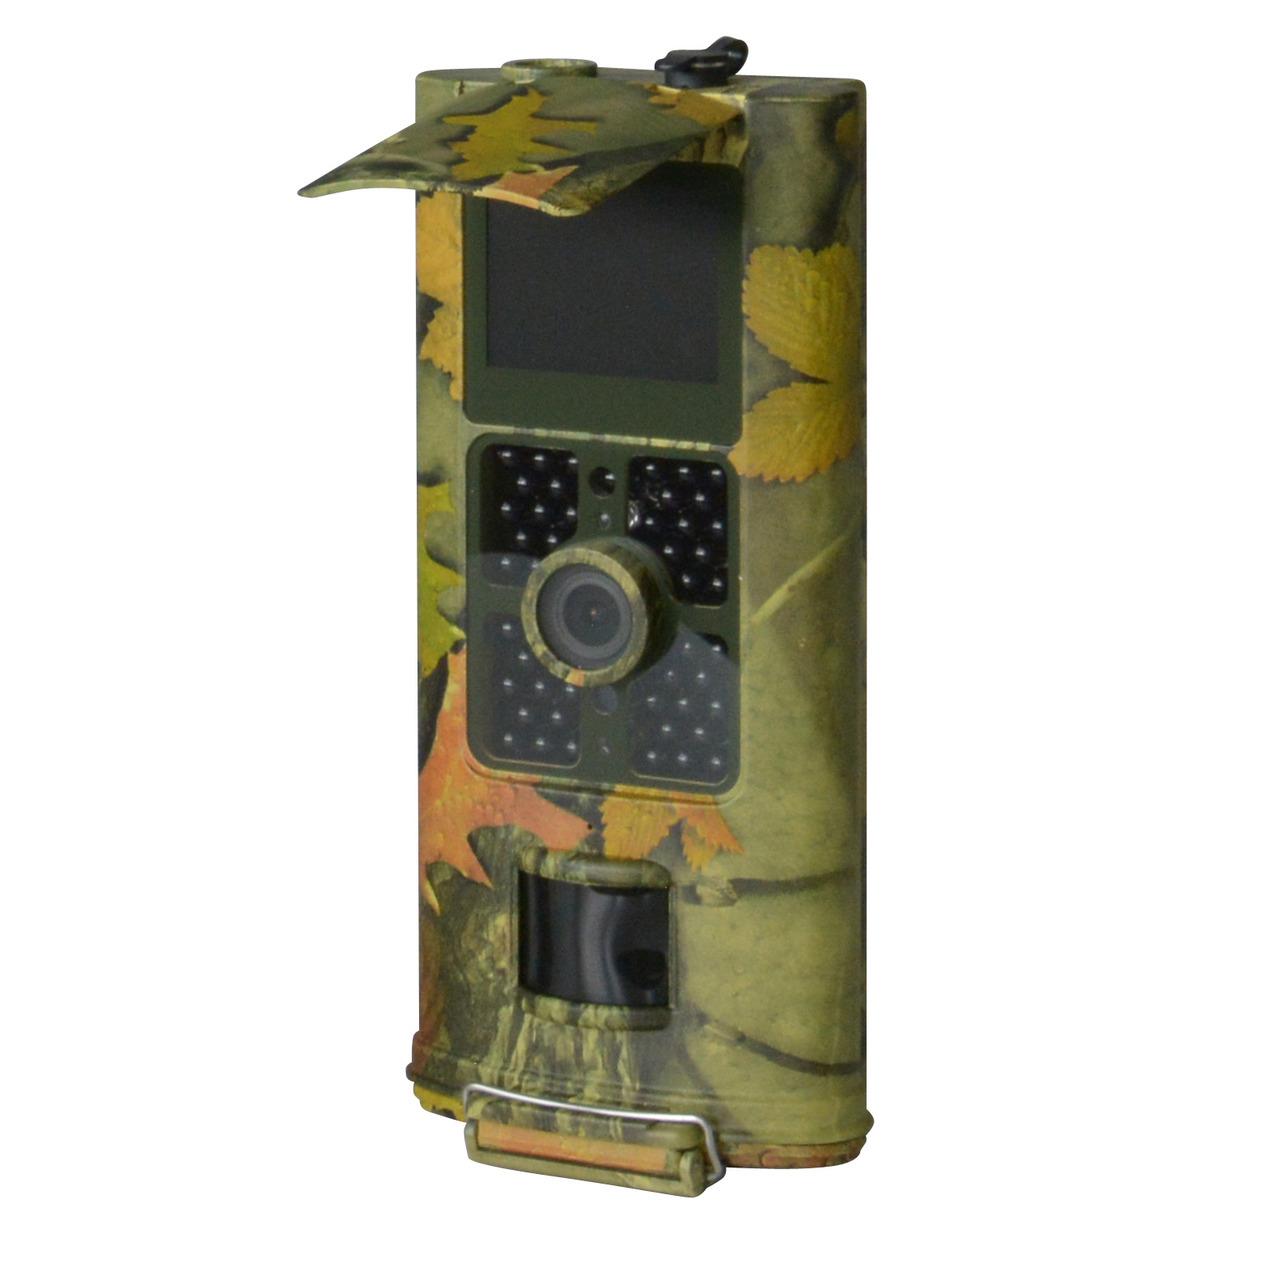 Braun Fotofalle- Wildkamera Scouting Cam BLACK700- 16 MP- 1080p- IP65